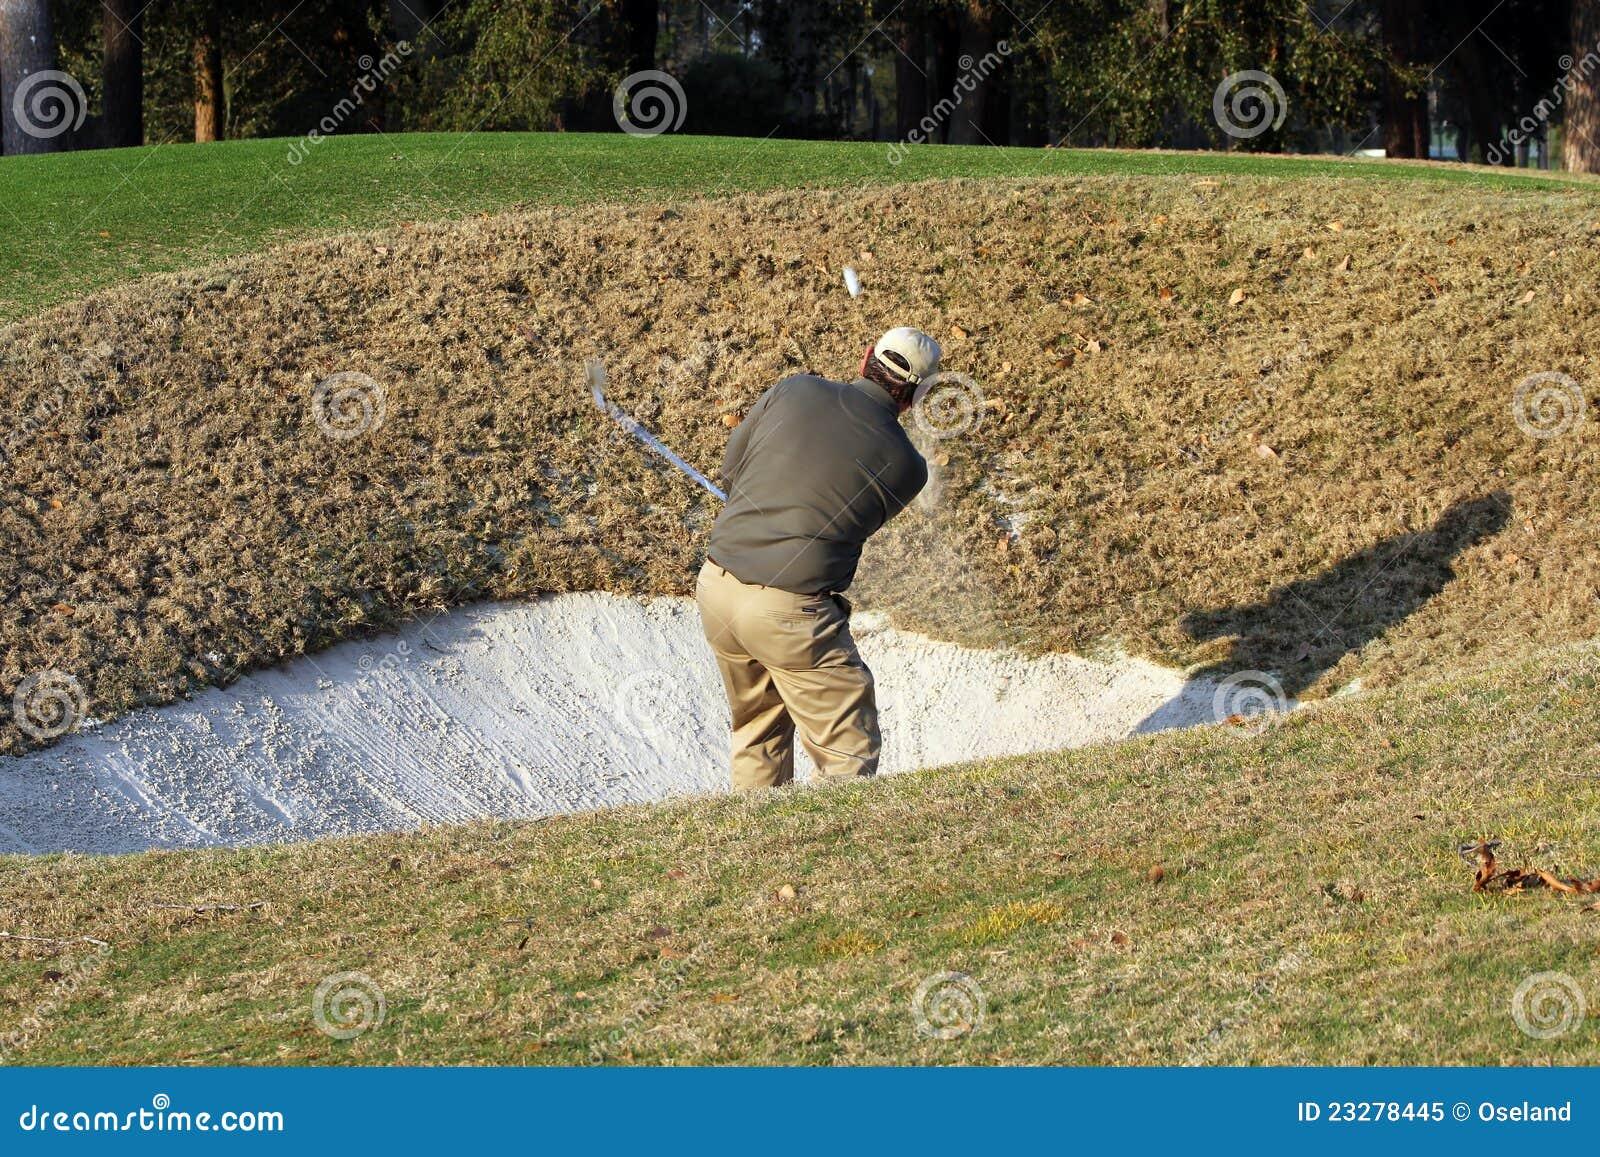 De golfspeler neemt diep bunkerschot.